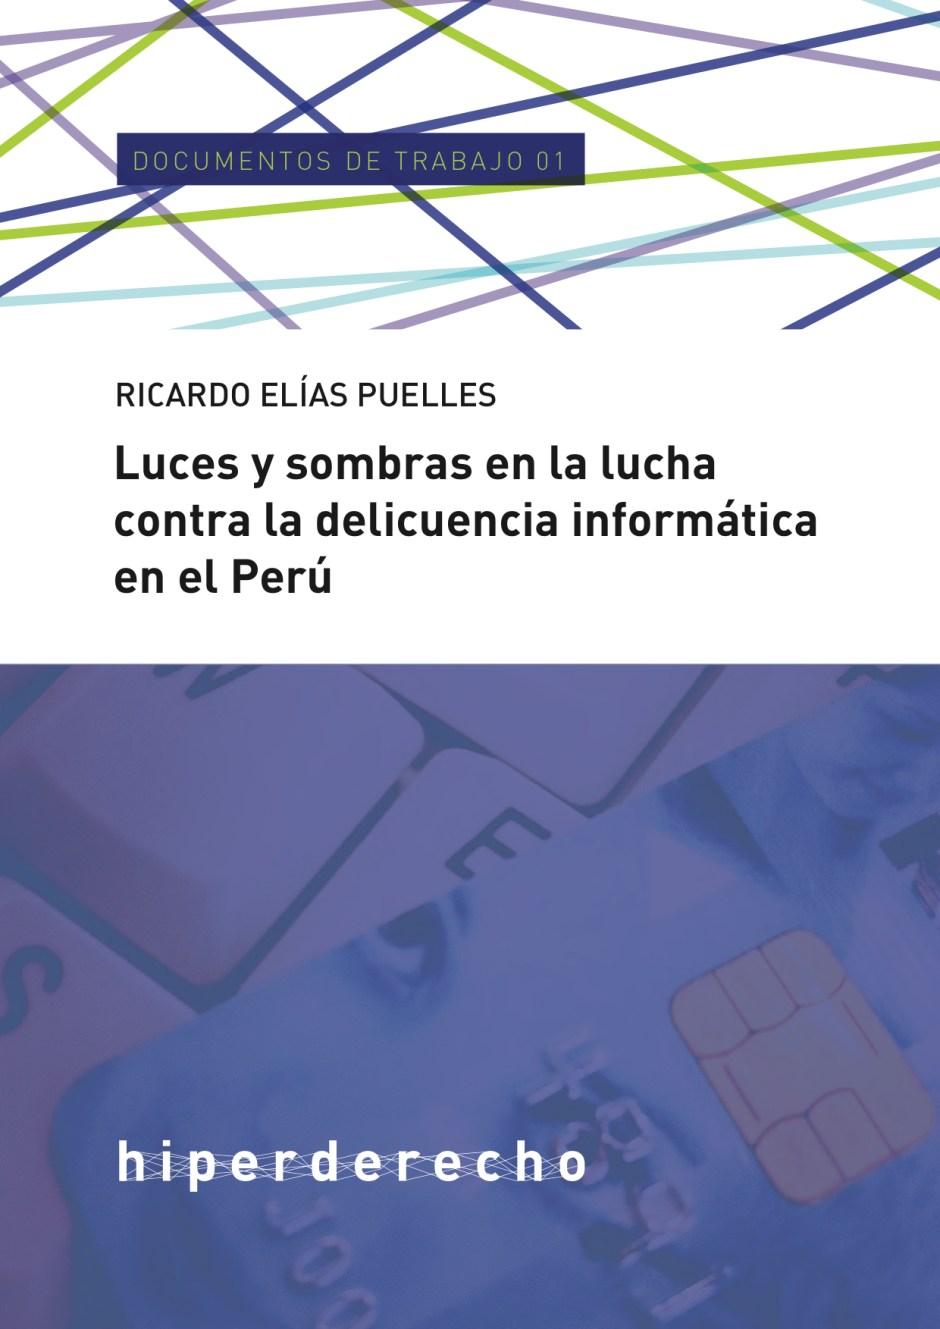 01_delitos_informaticos_elias